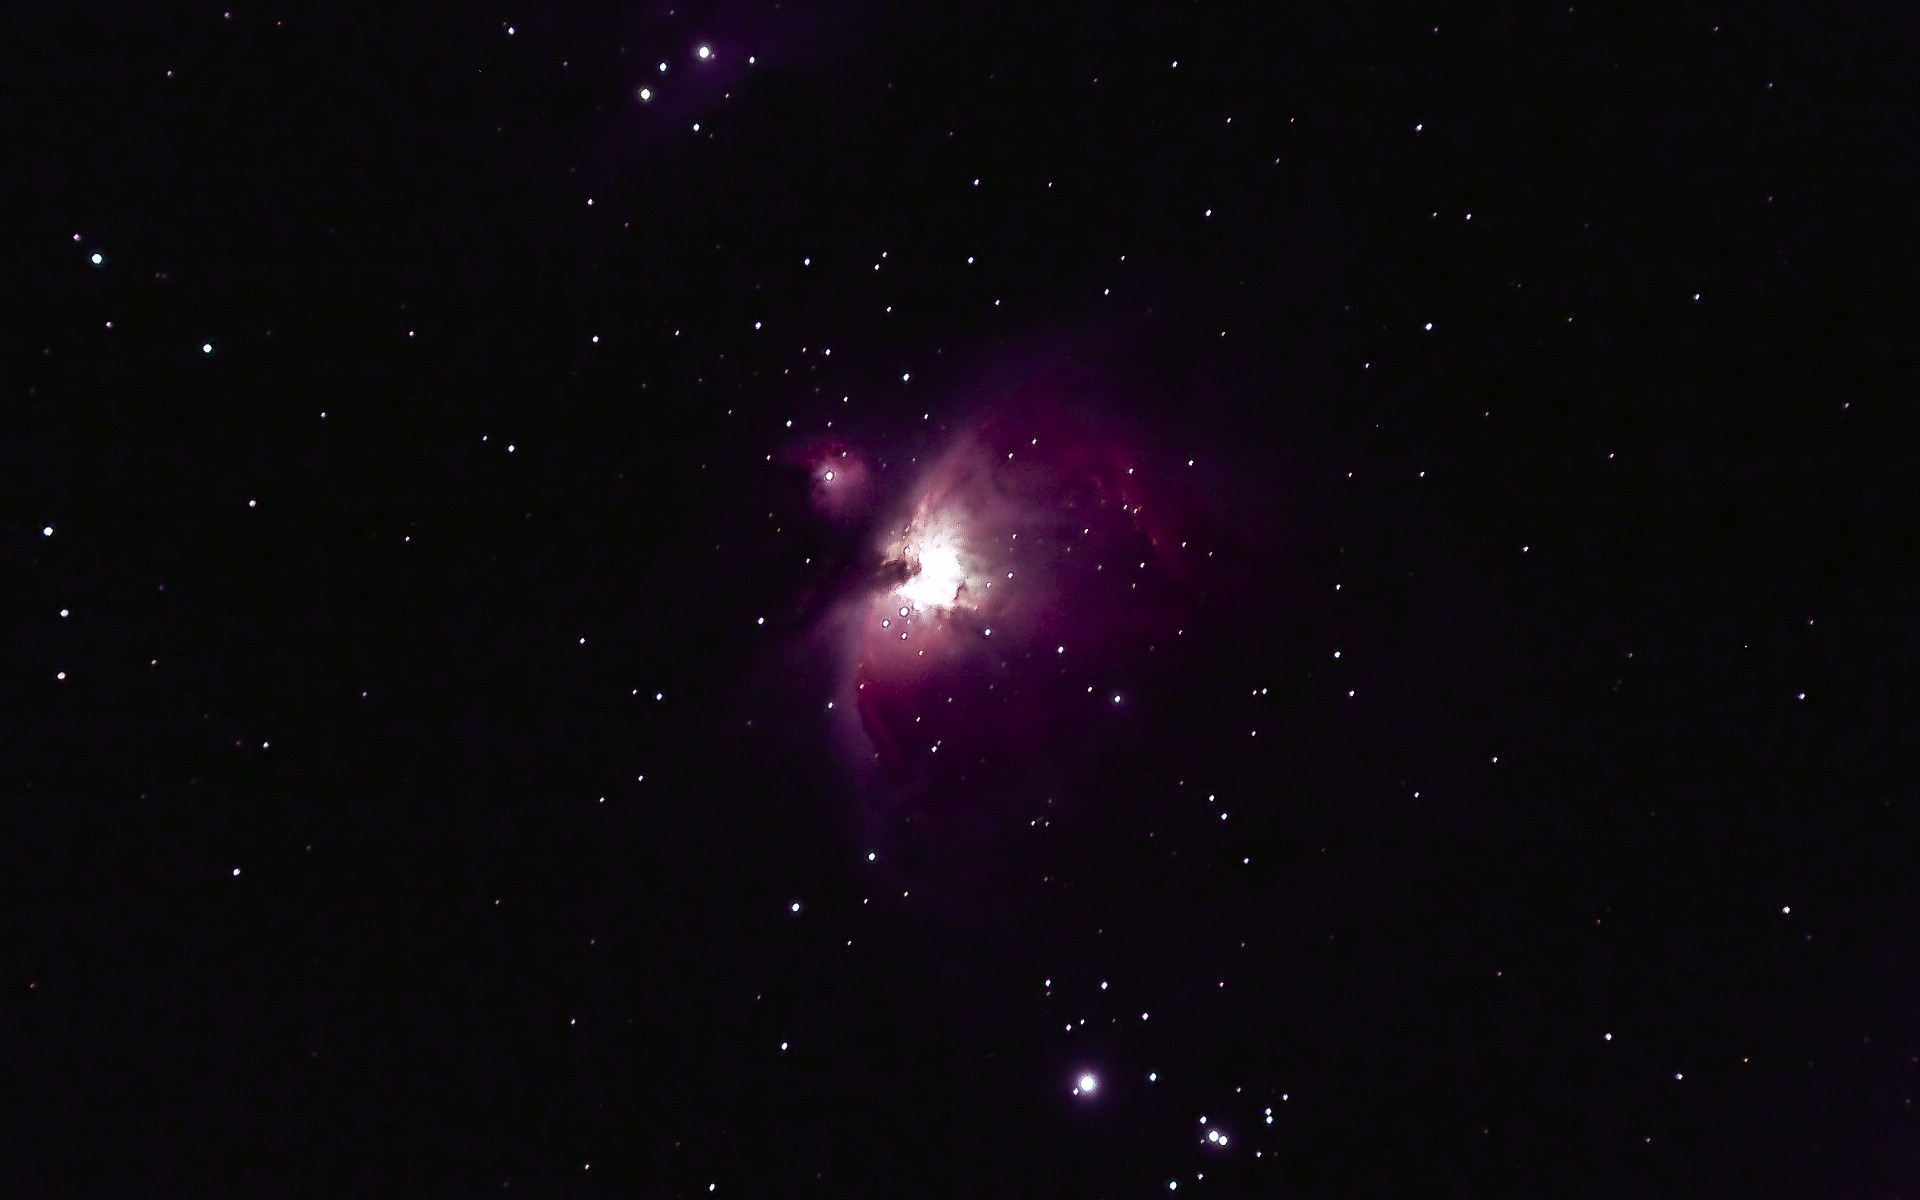 紫色の宇宙の画像